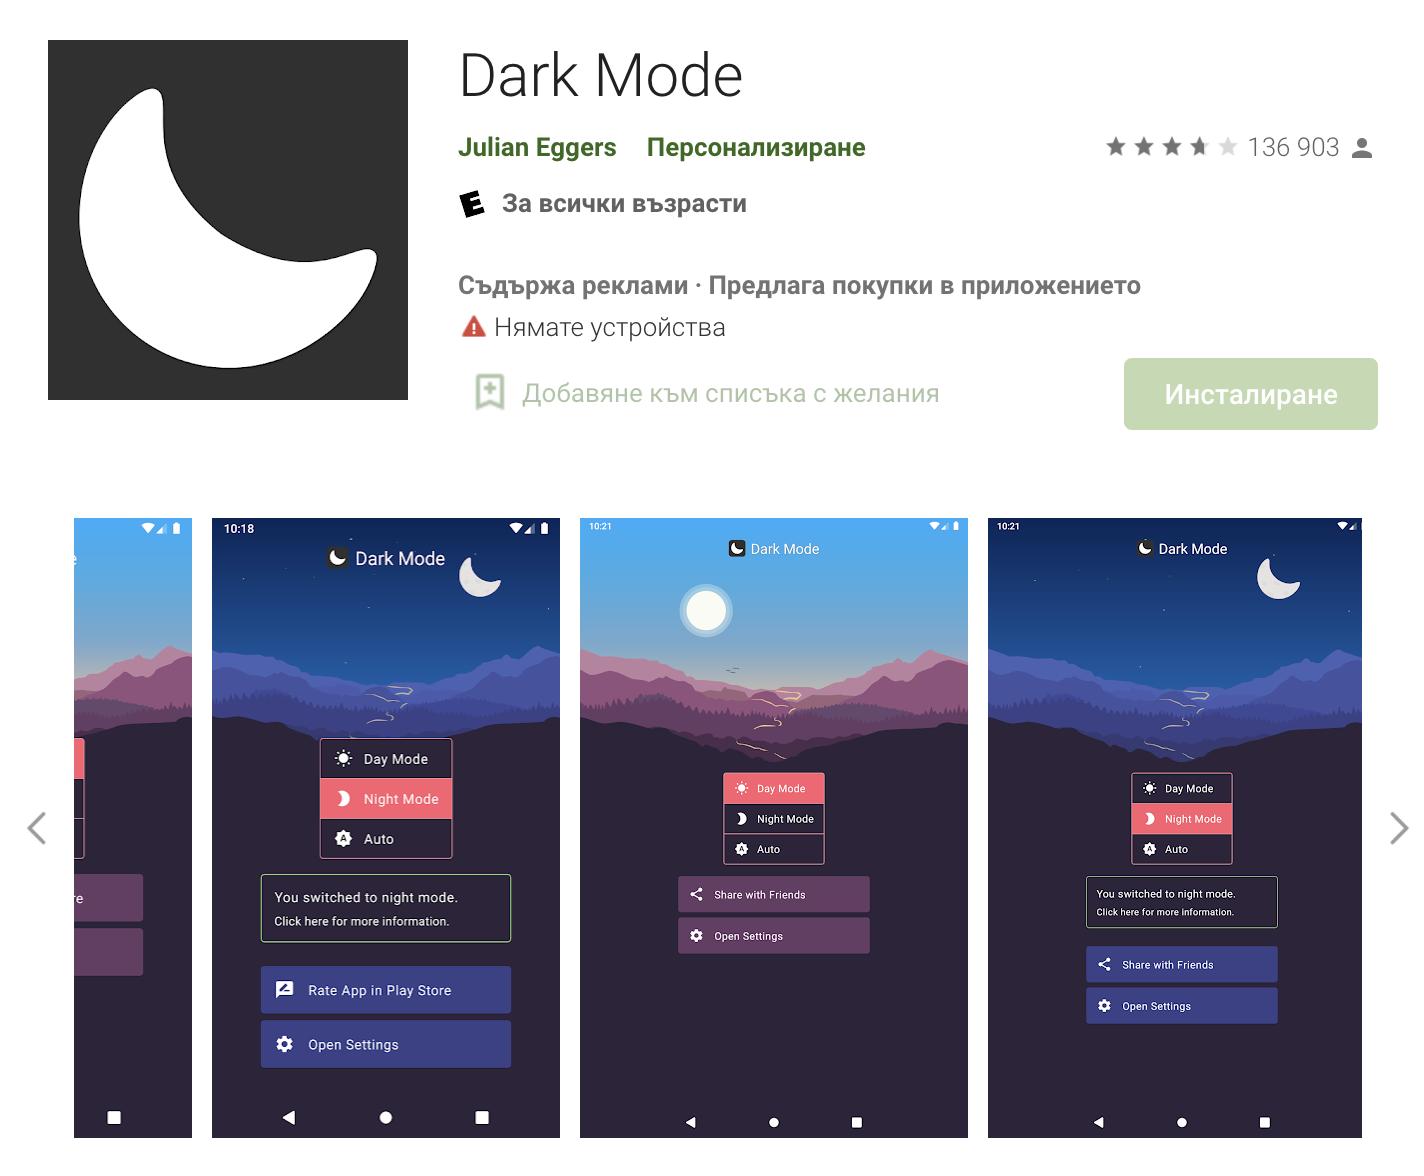 Как сделать темный TikTok на Андроид прилодение dark mode